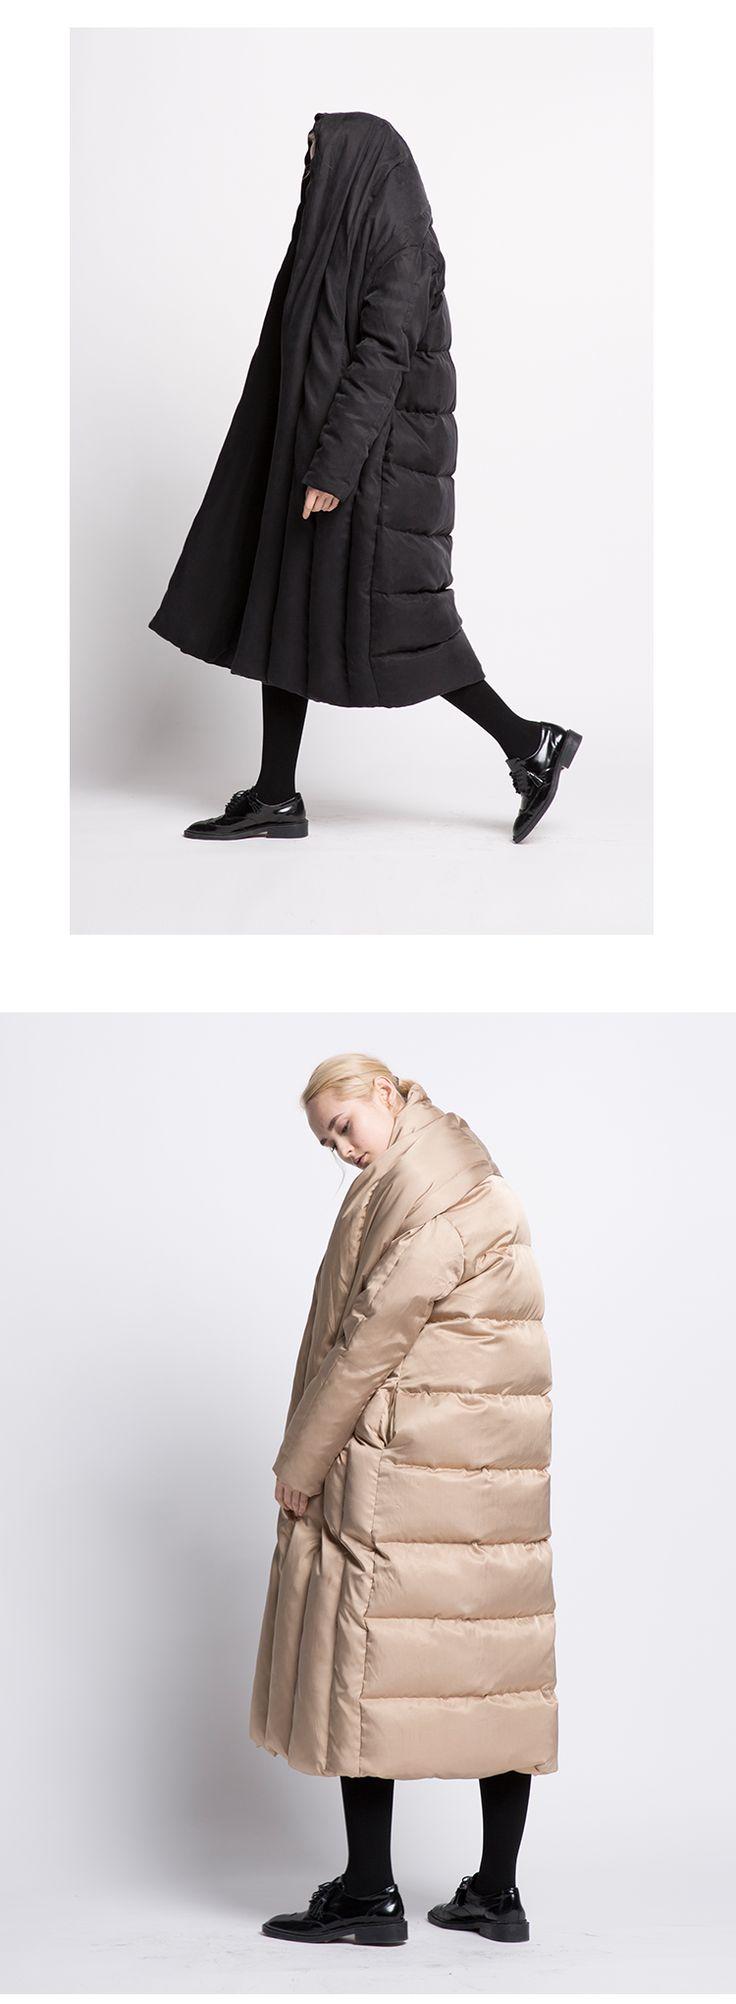 2017 оригинальный дизайн расширение большой одеяло свободные толстый пуховик куртка повседневная одежда женщин купить на AliExpress